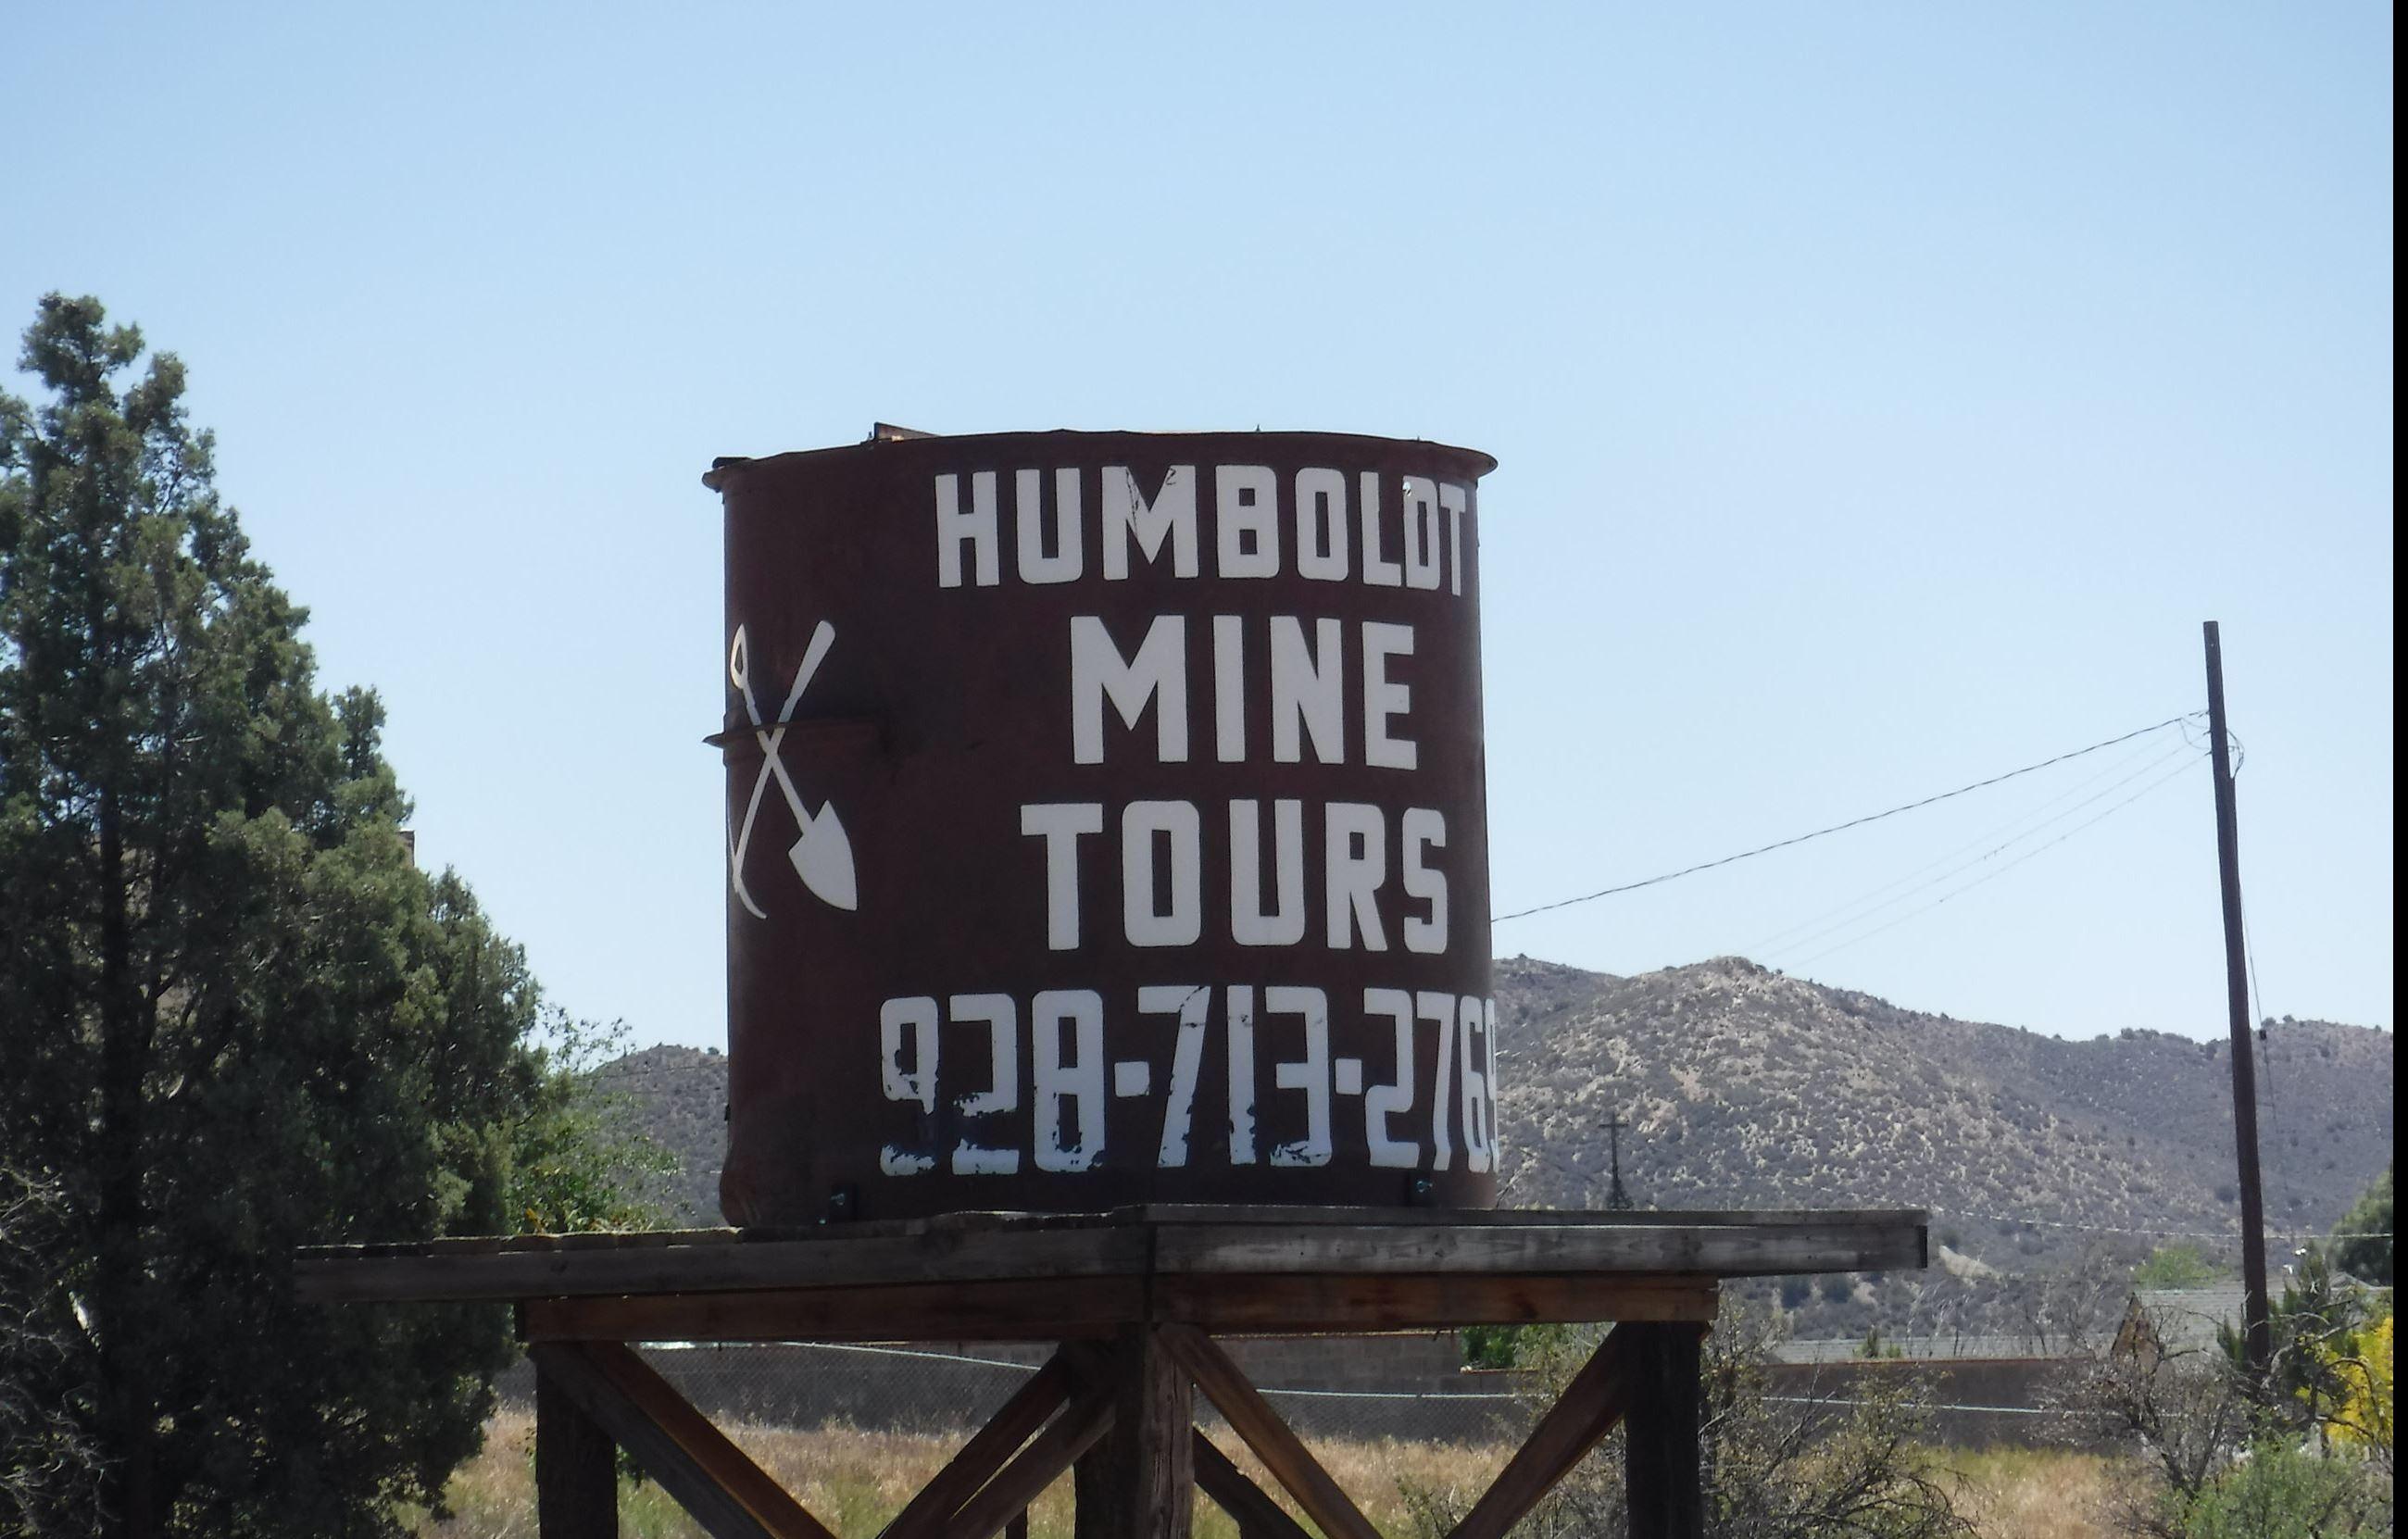 Arizona yavapai county dewey - Dscf0539